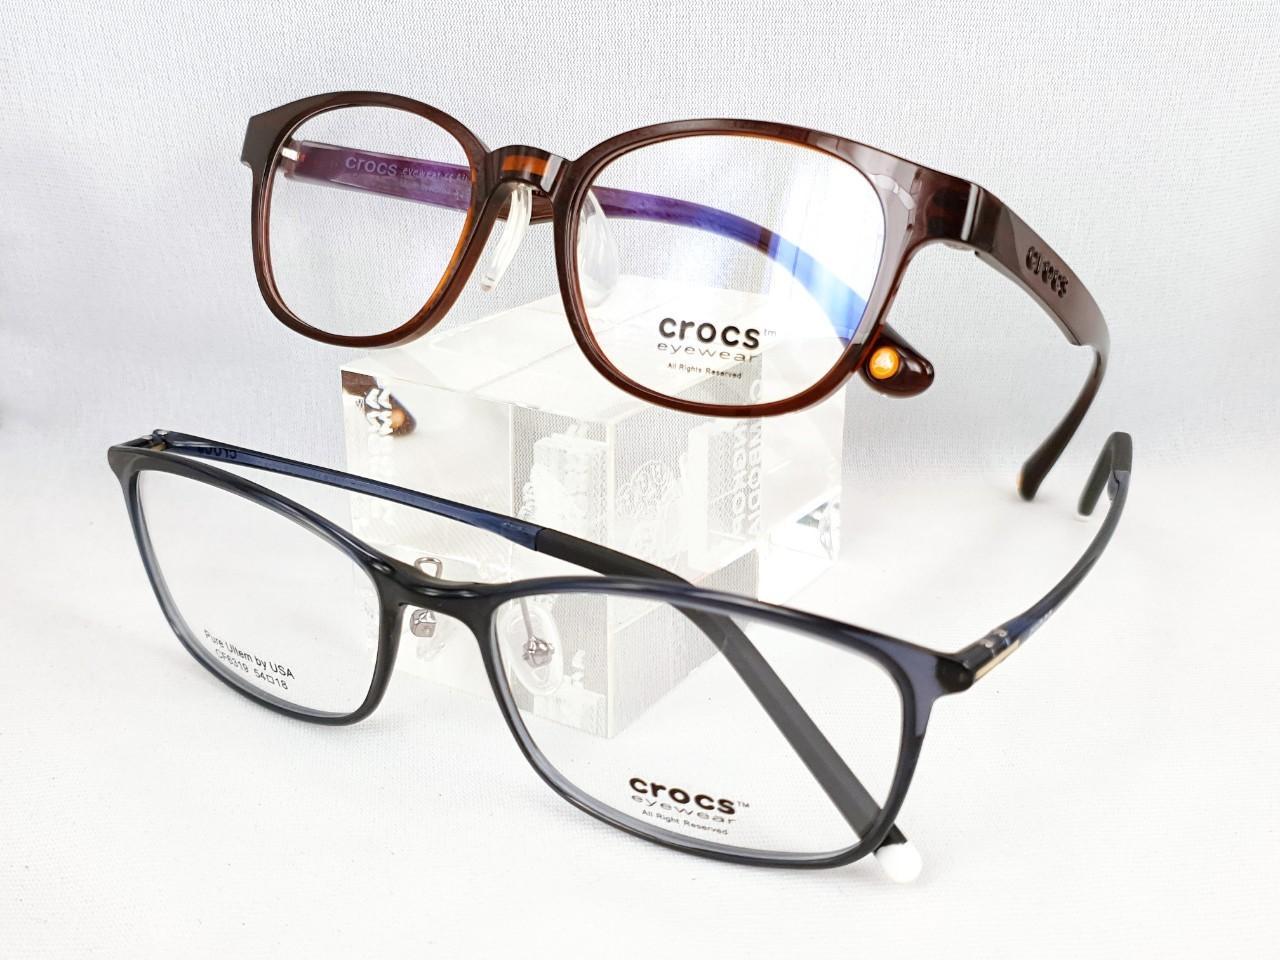 民視眼鏡品牌Crocs_200102_0006